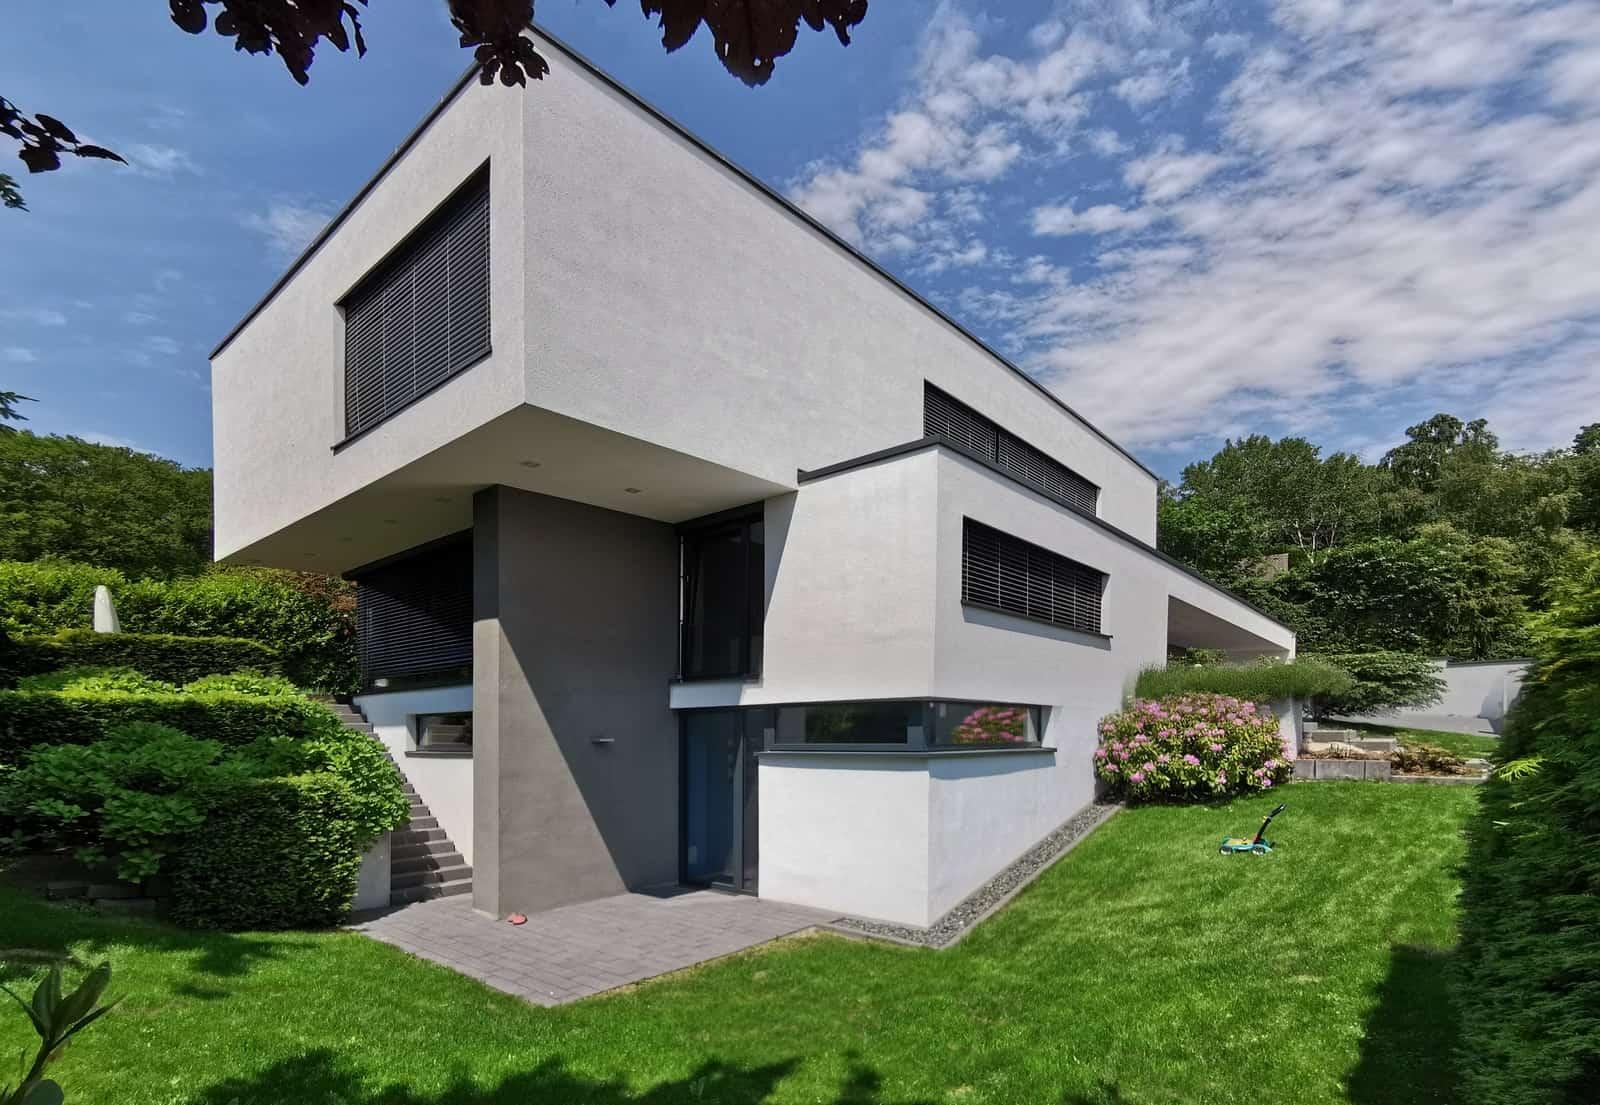 Einfamilienhaus moderne Architektur